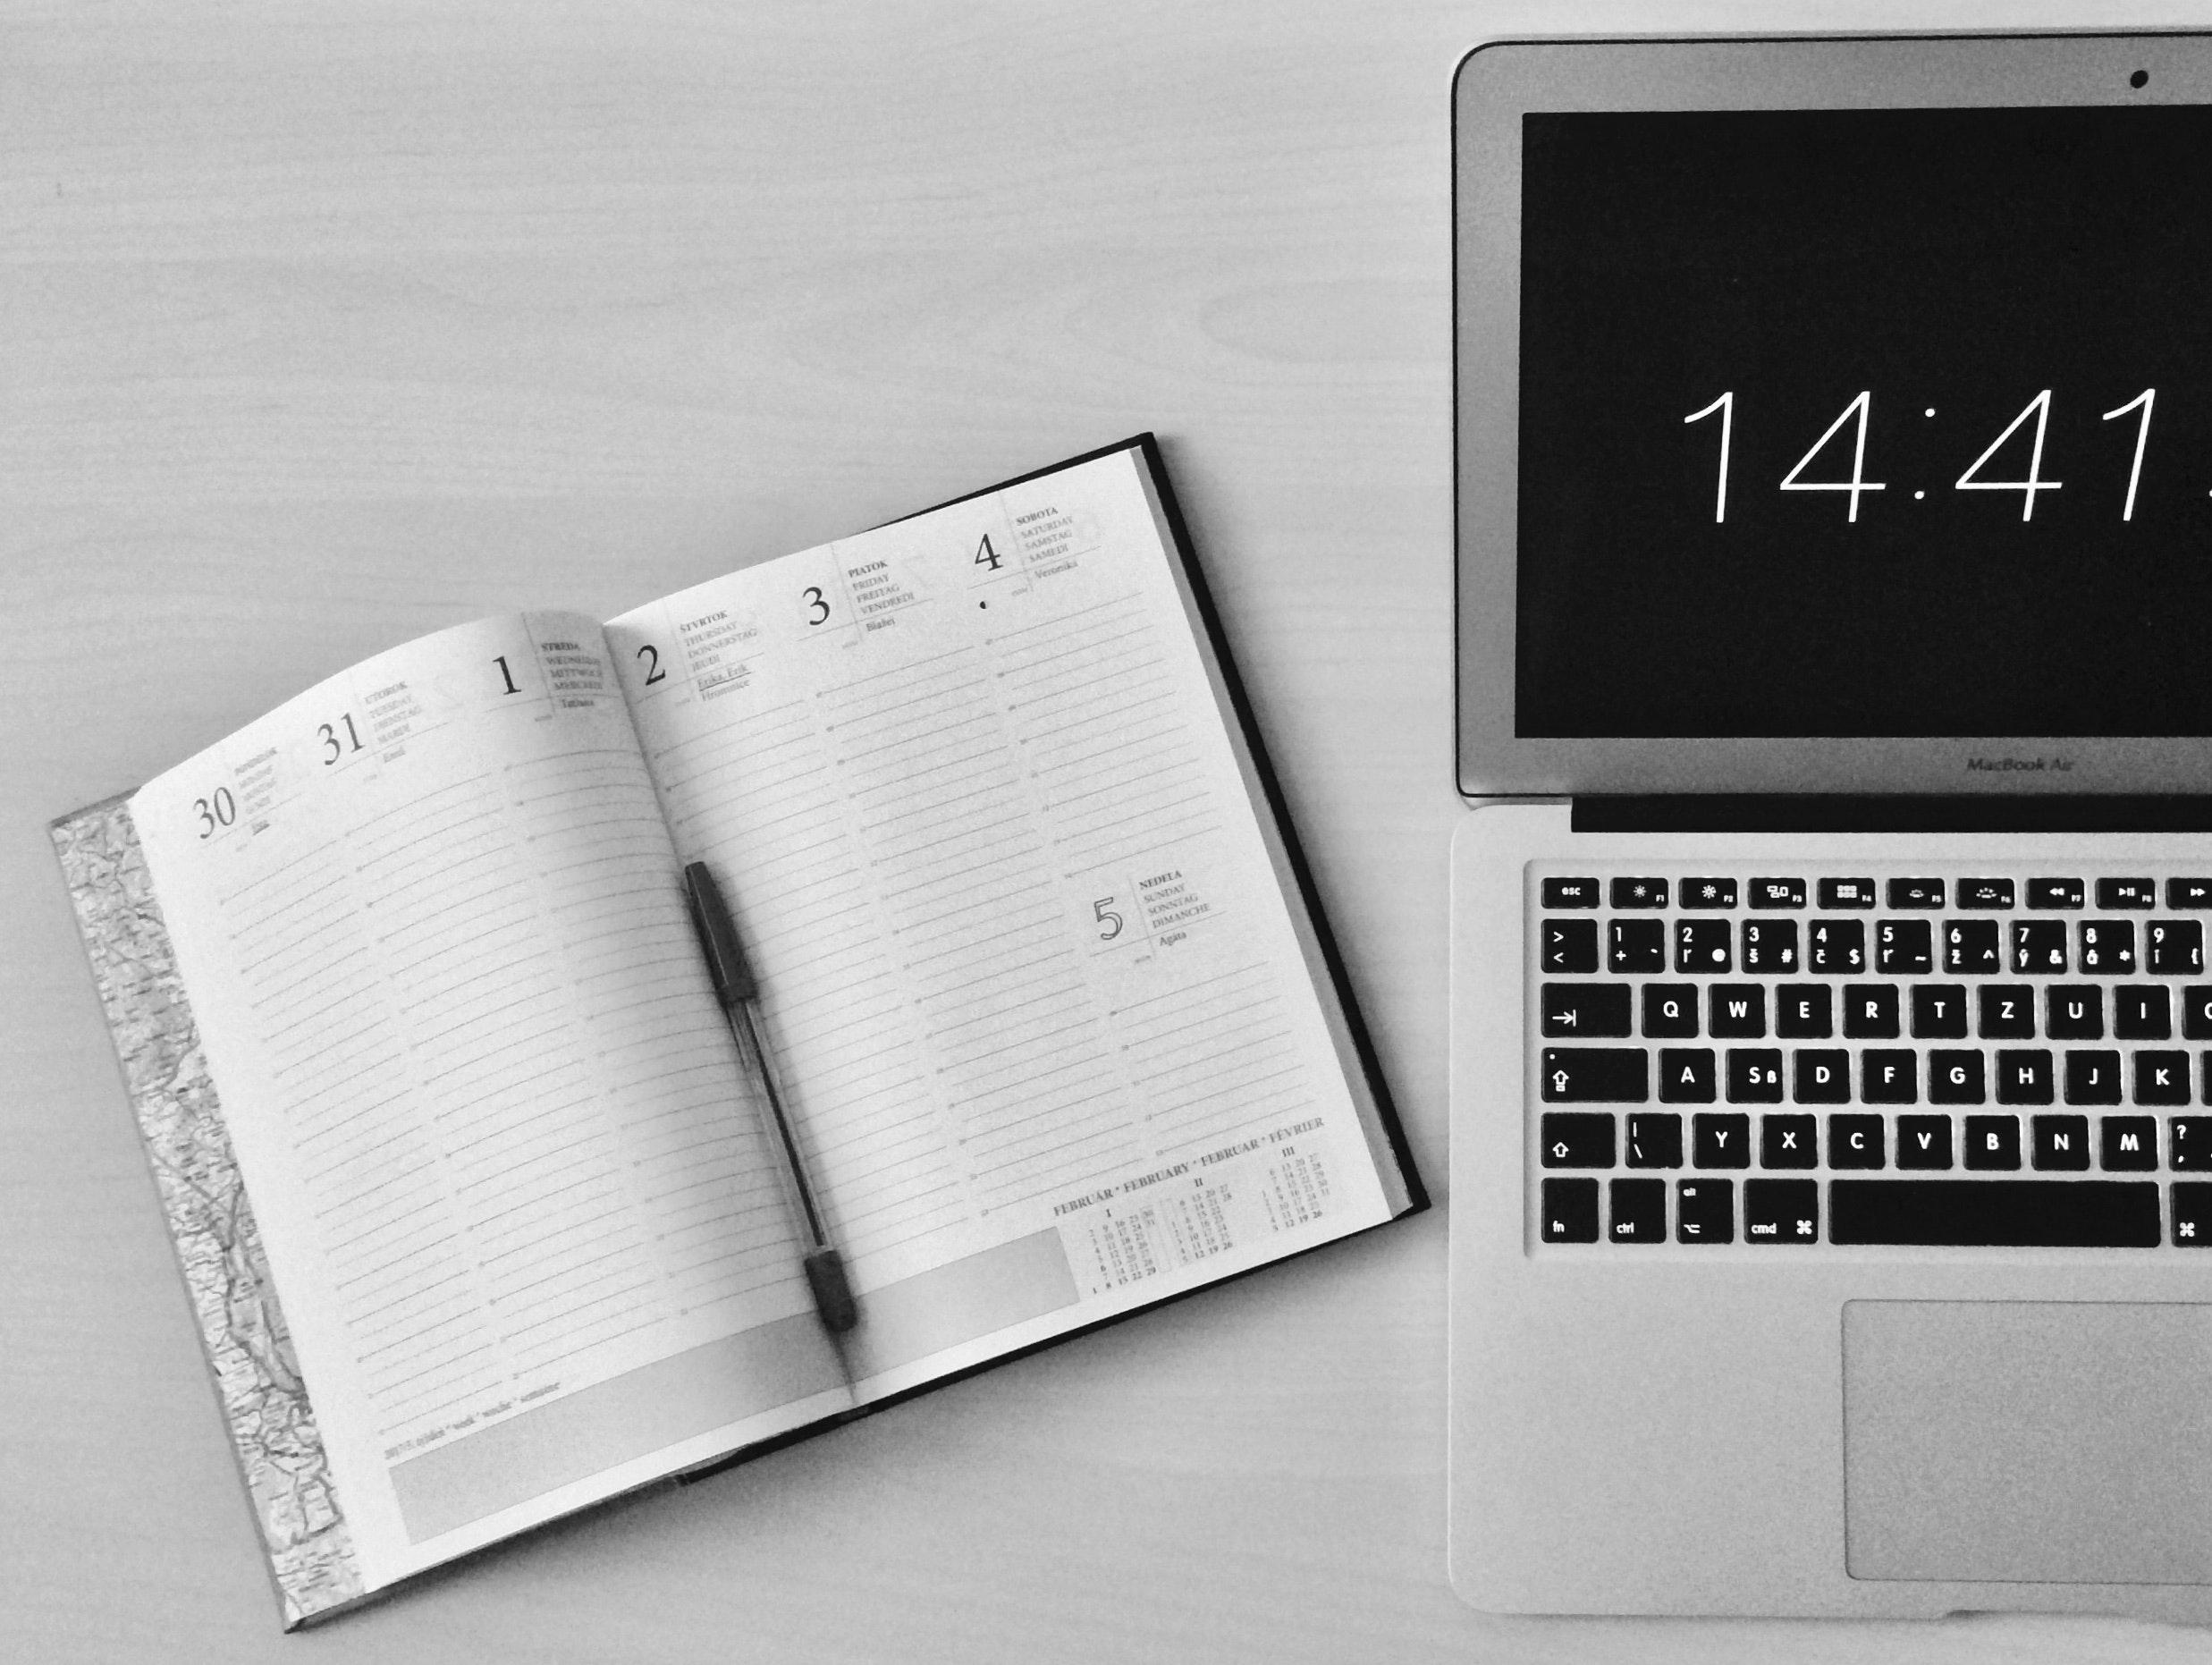 Geplante Überstunden im Dienstplan: Was ist erlaubt?